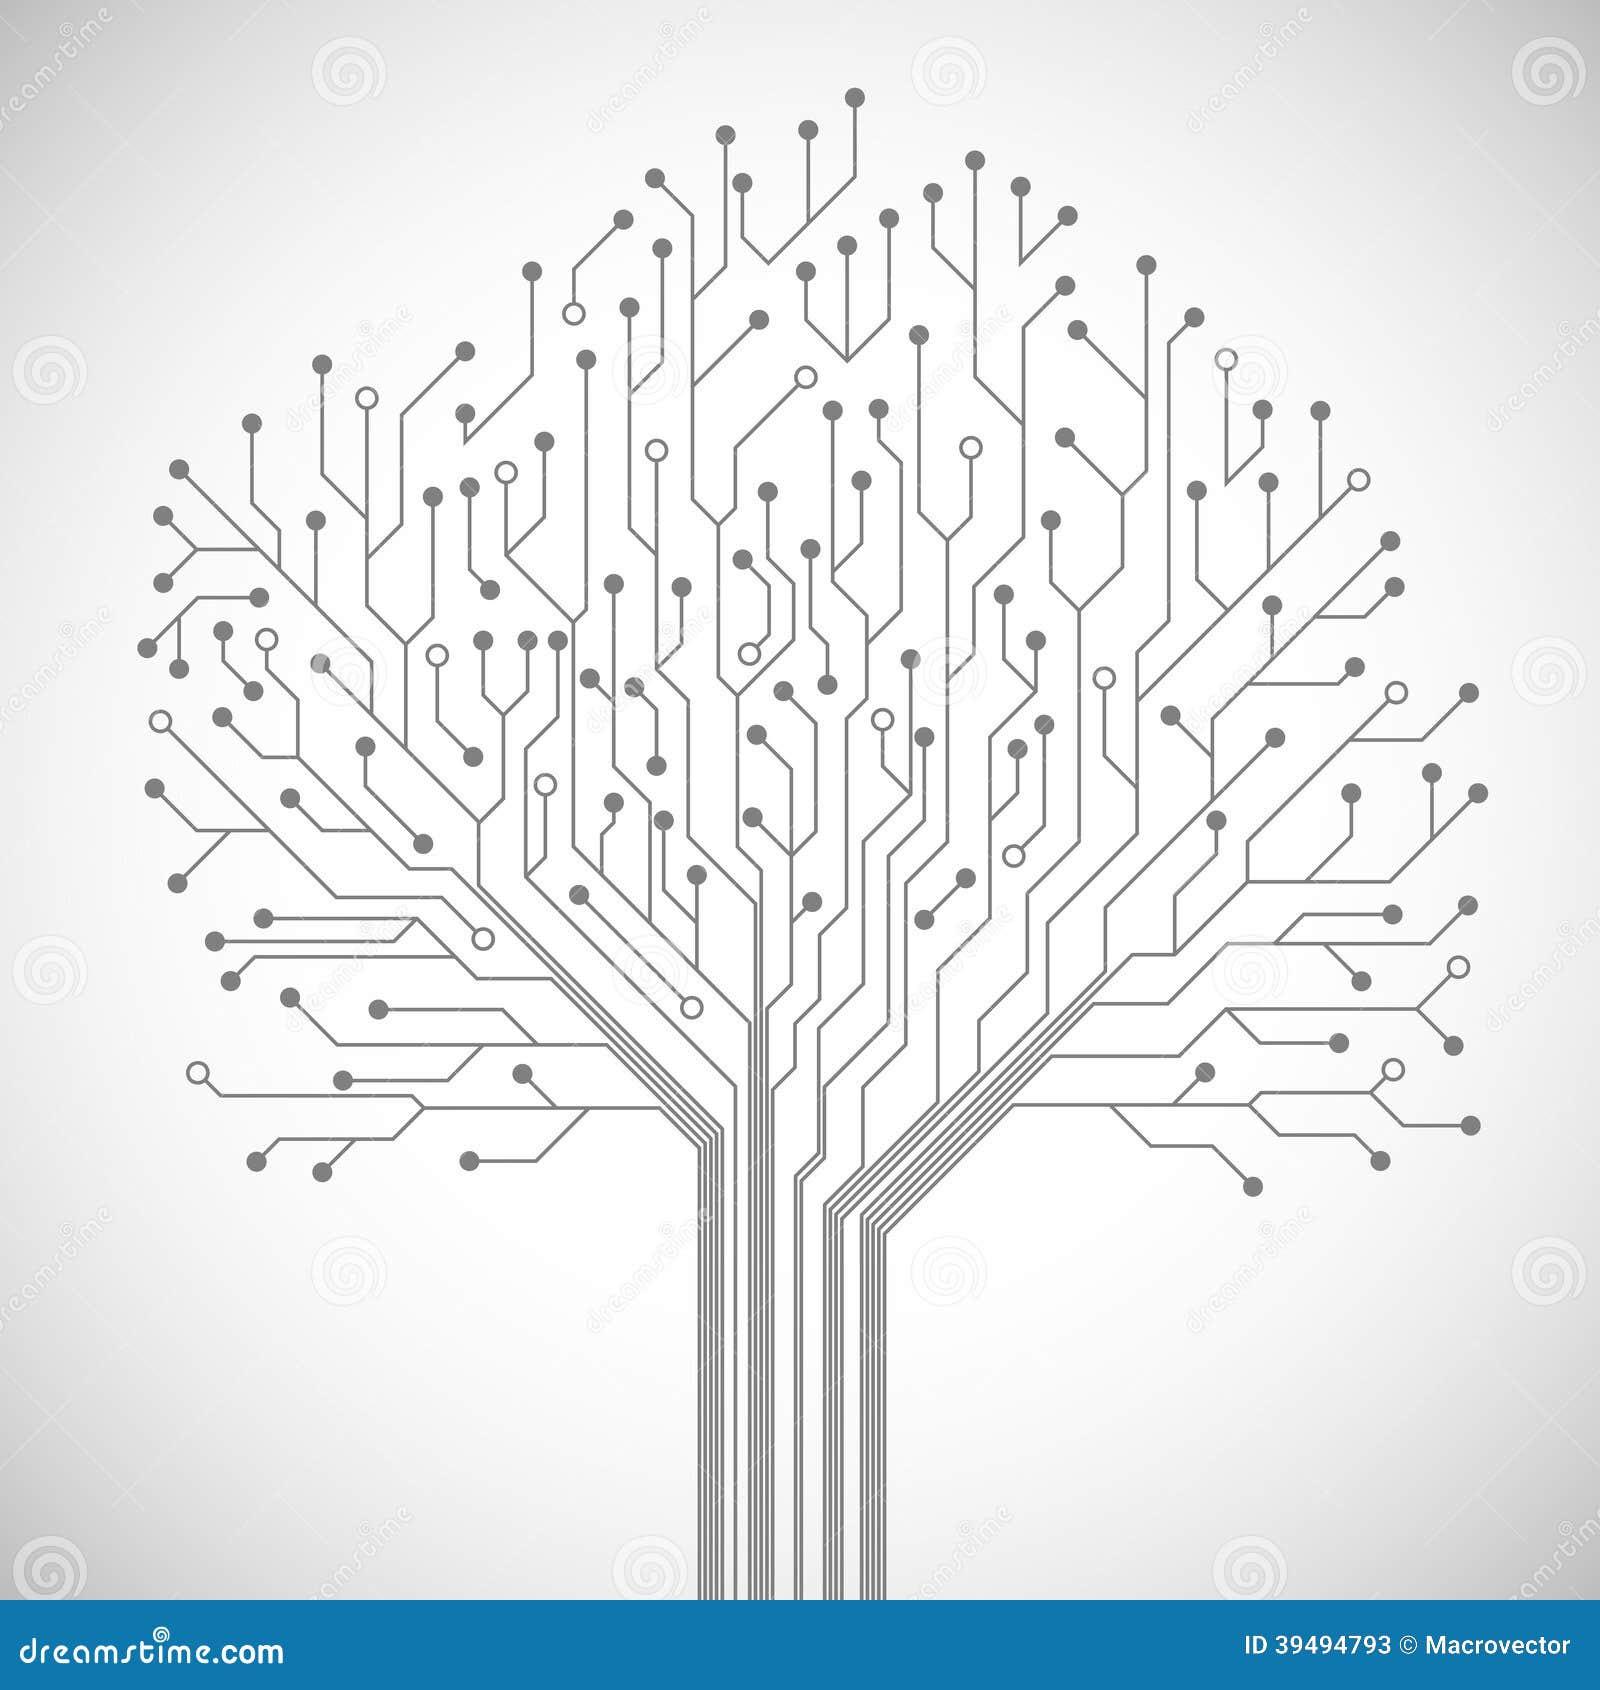 circuit diagram symbols triangle image 8